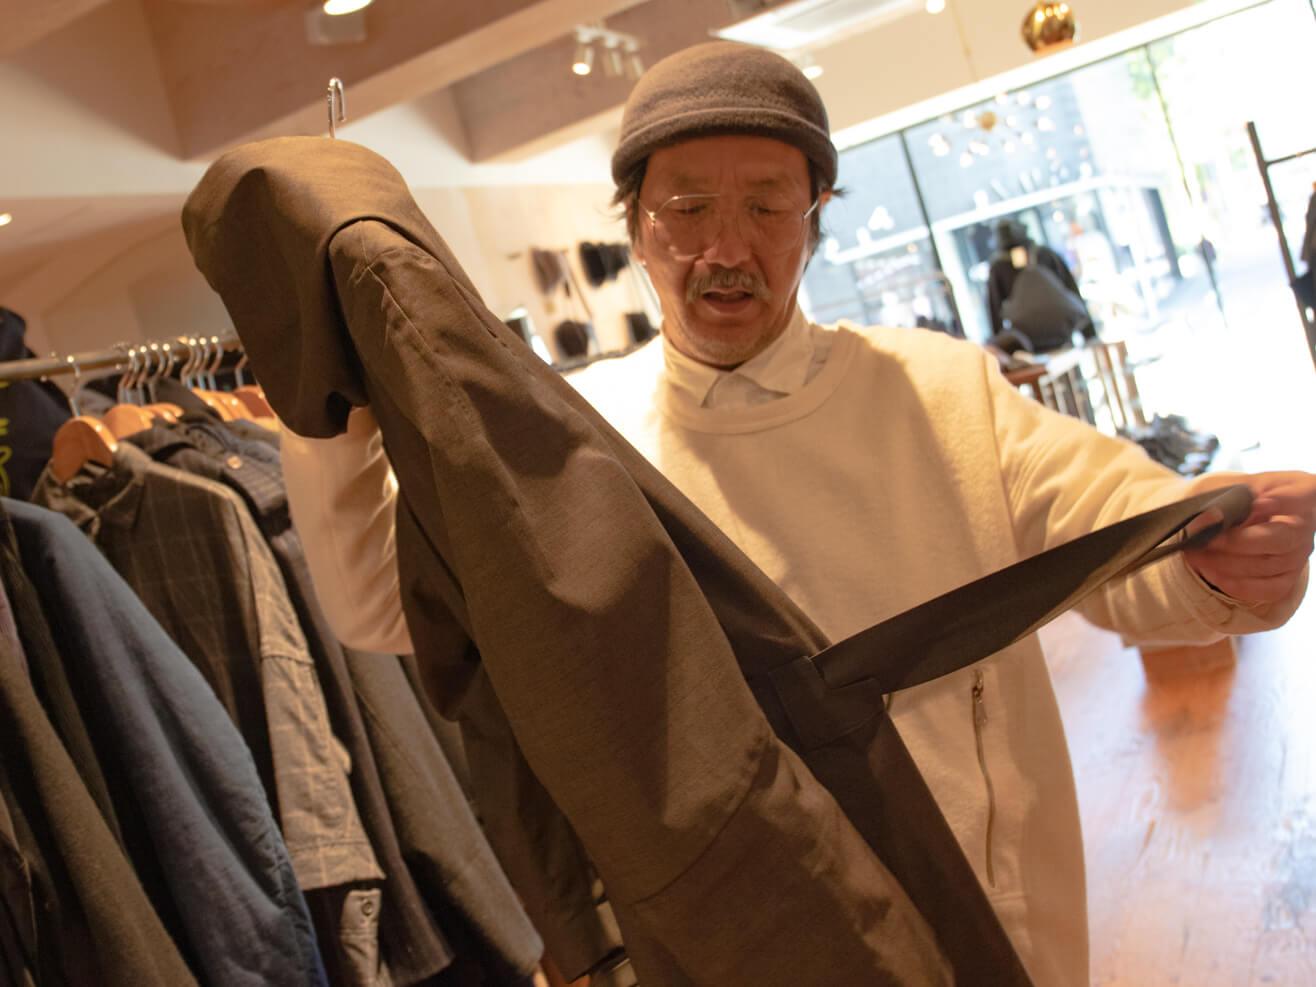 ノルウェー・ジャン・レインのコートを持っている男性の写真